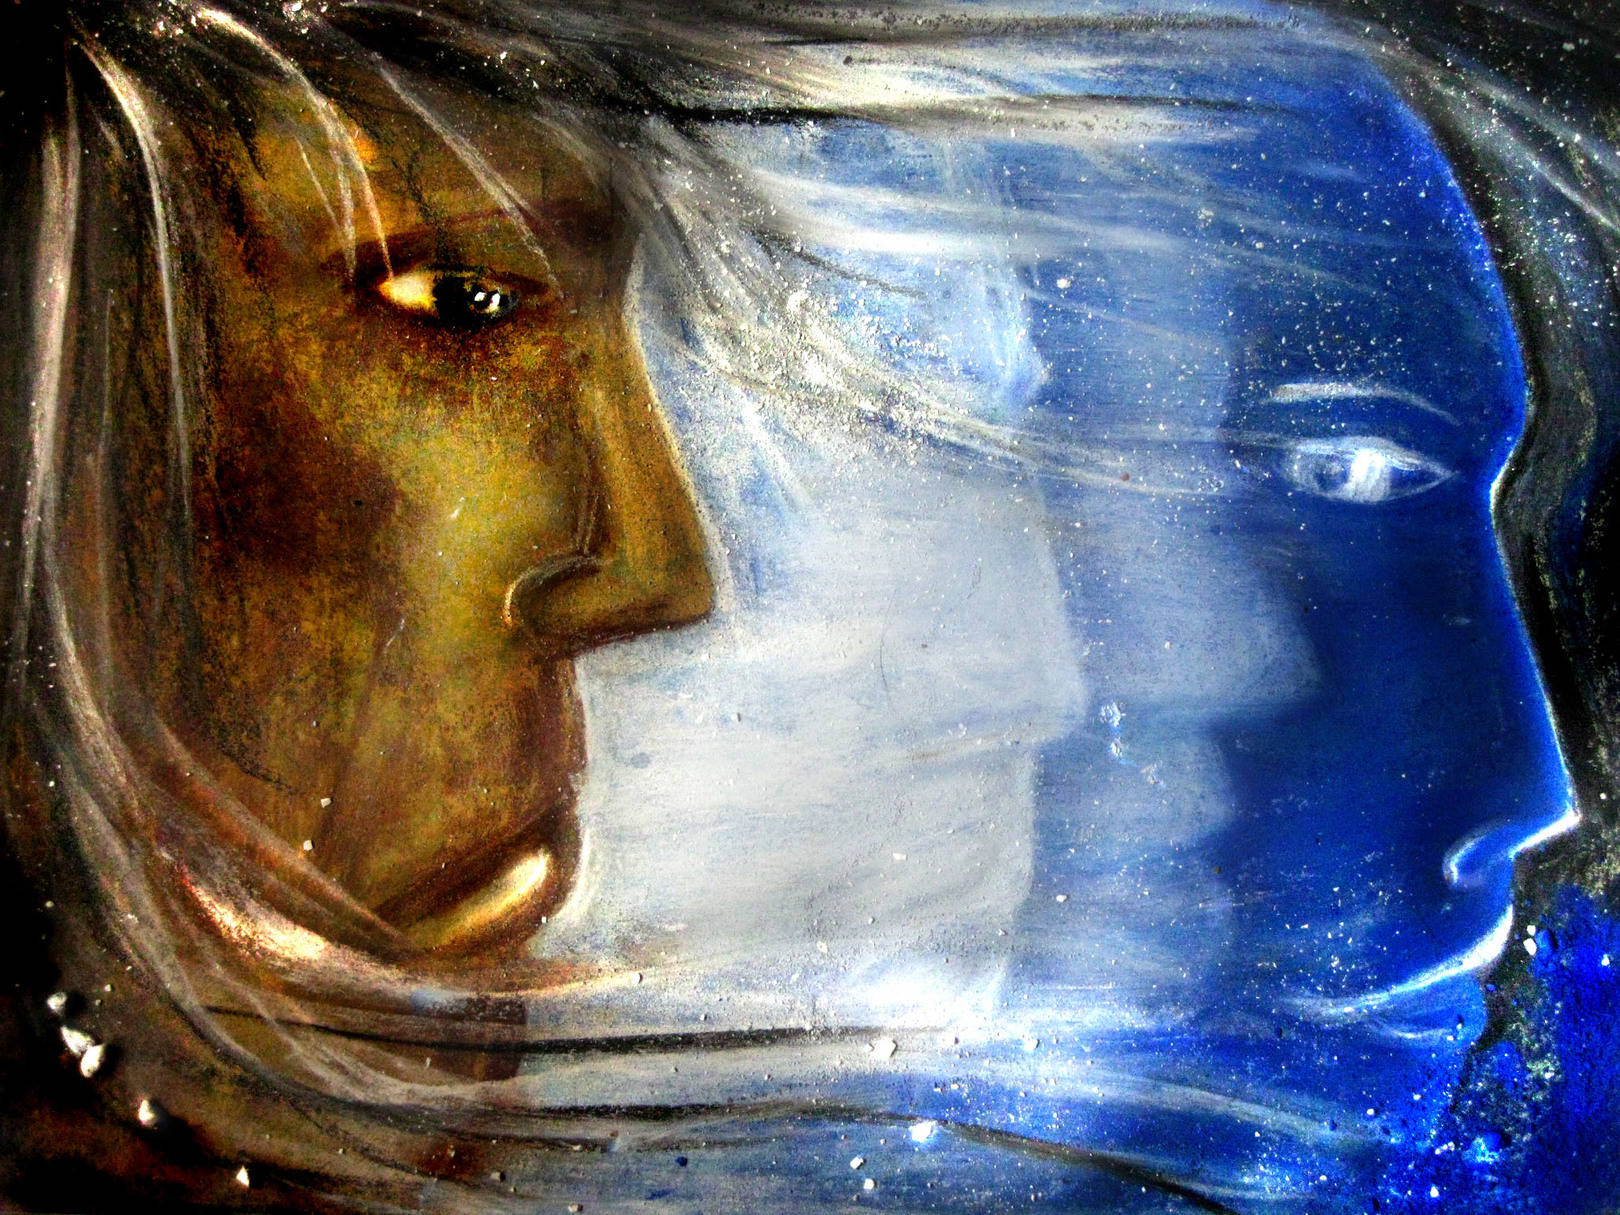 Ветер перемен или же проекция Души и мысли...? а что это для Вас, мой друг?